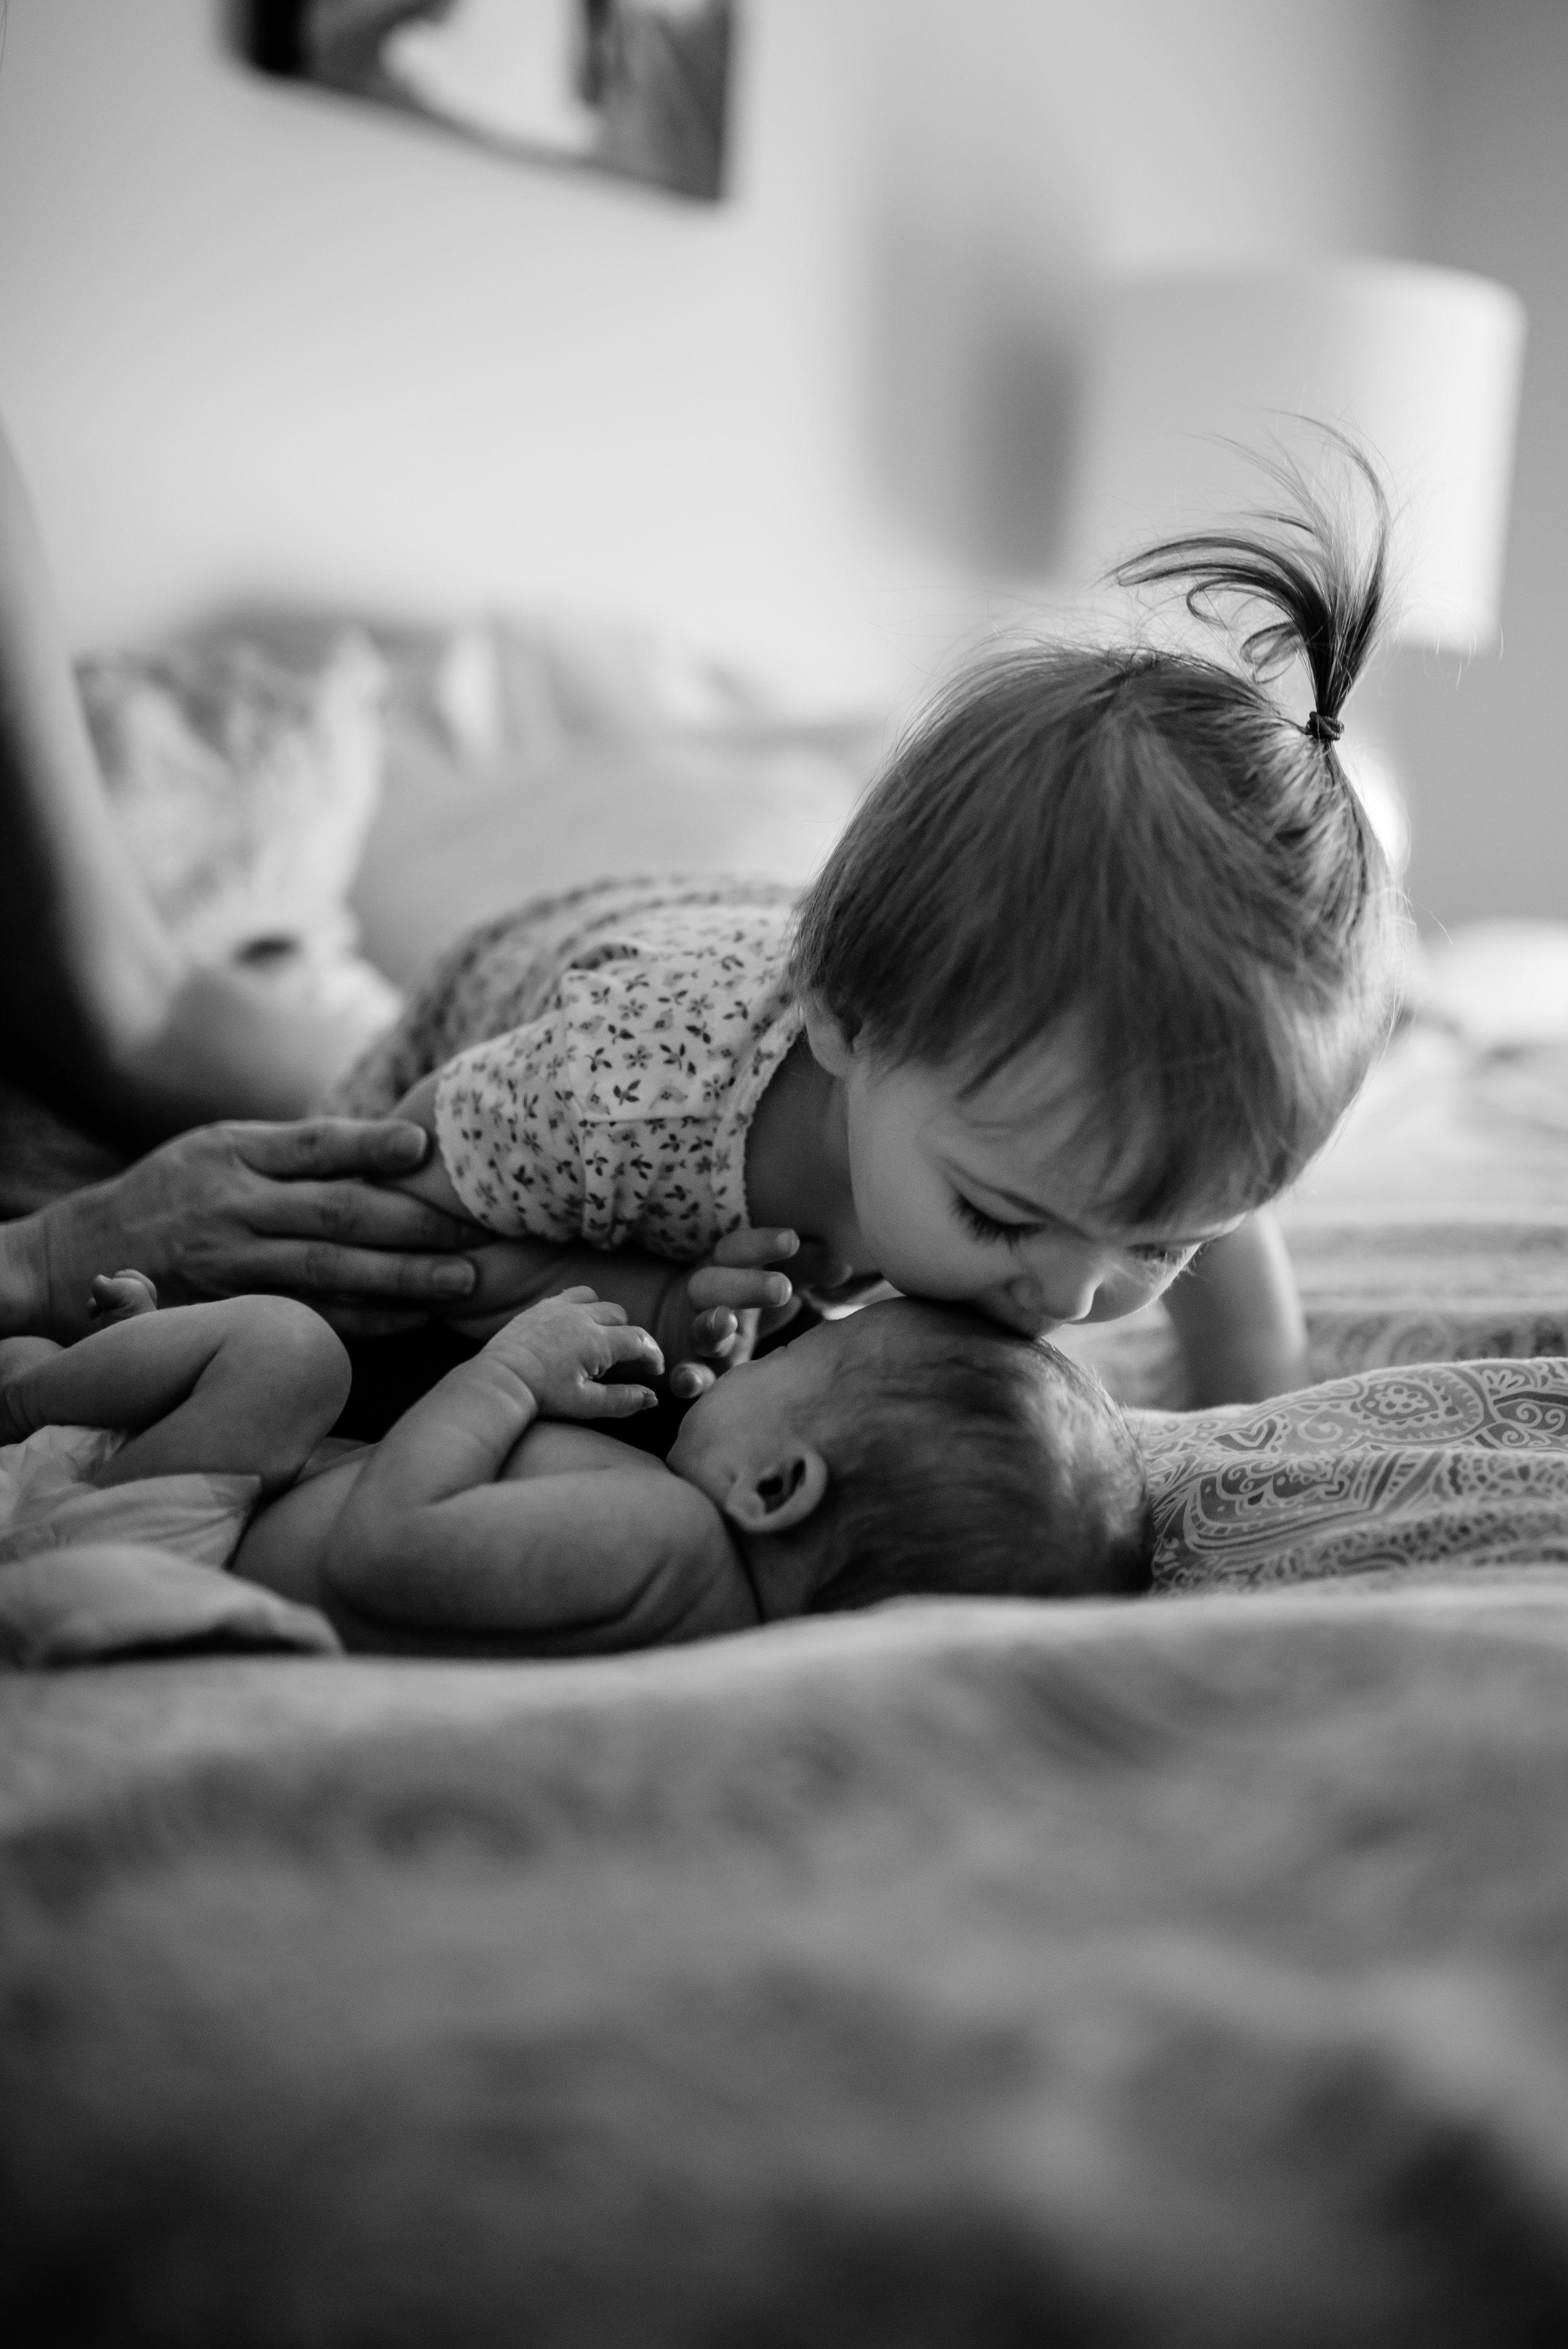 Girl kisses baby sister's head